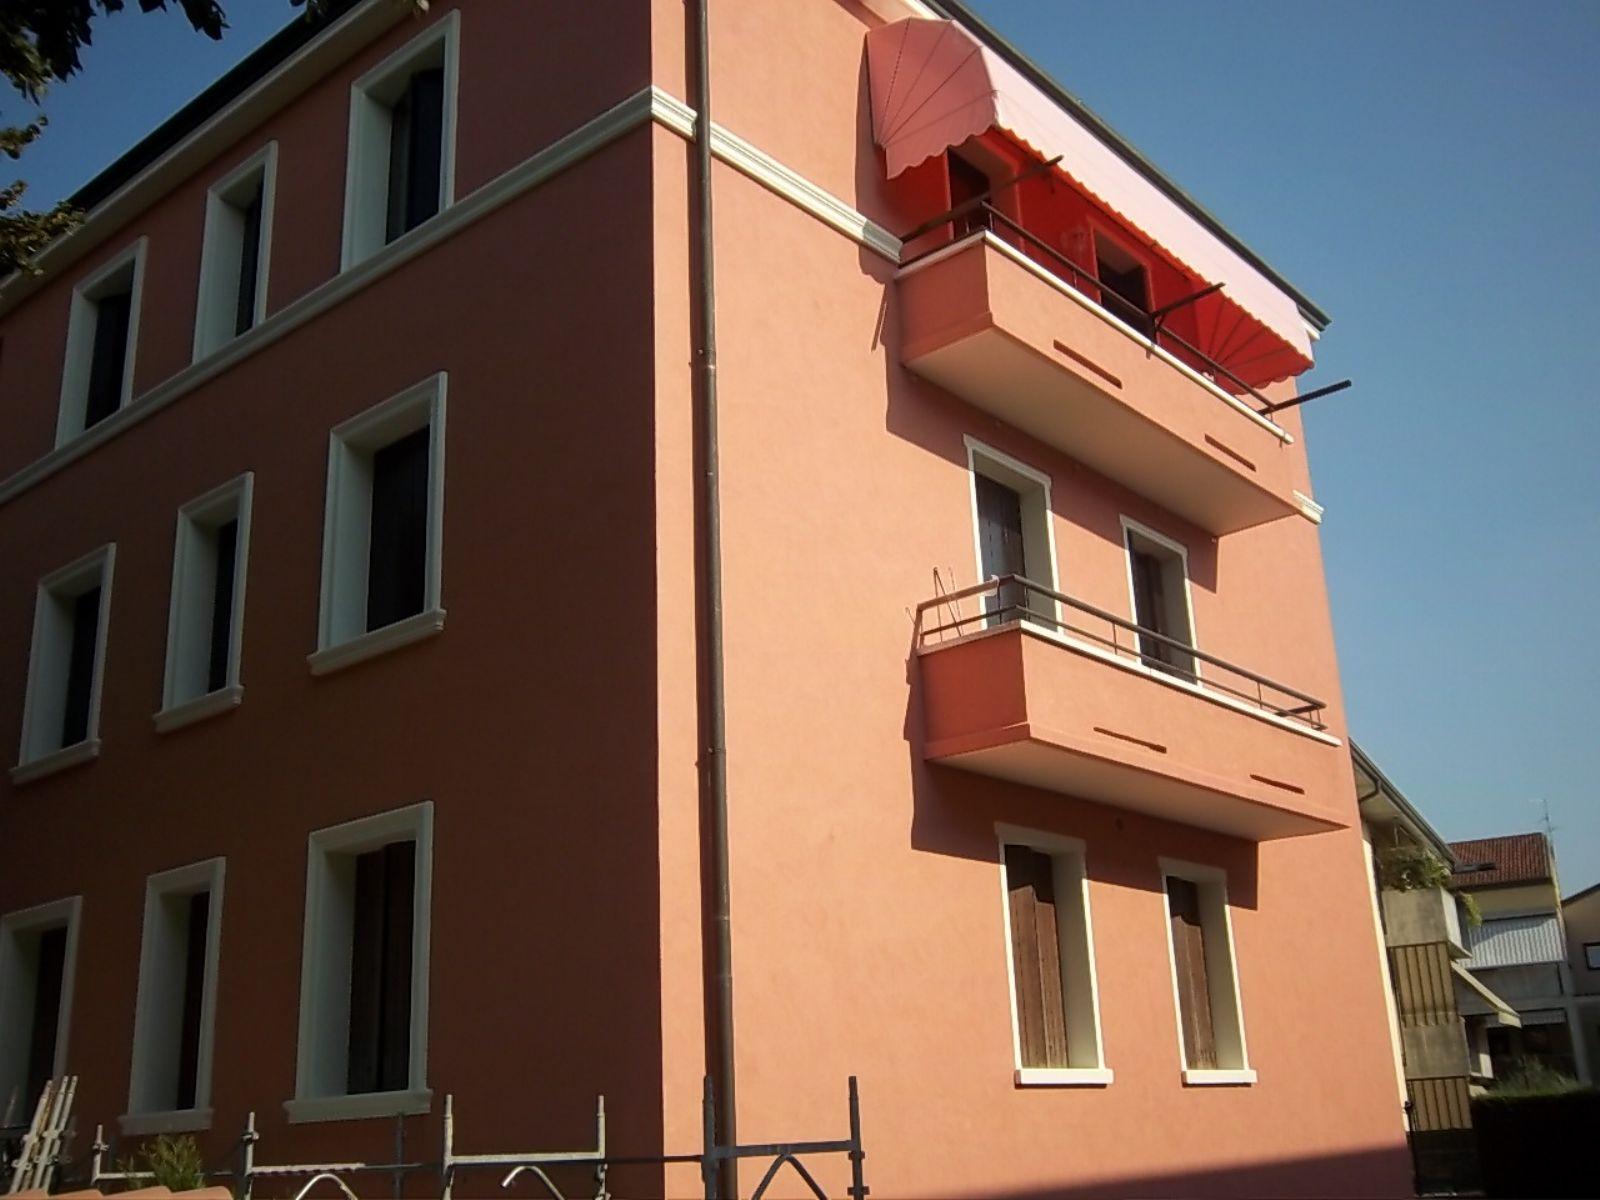 reputable site 54aae 13468 pittura-05-cappotto-esterno-palazzo-verona-3.jpg